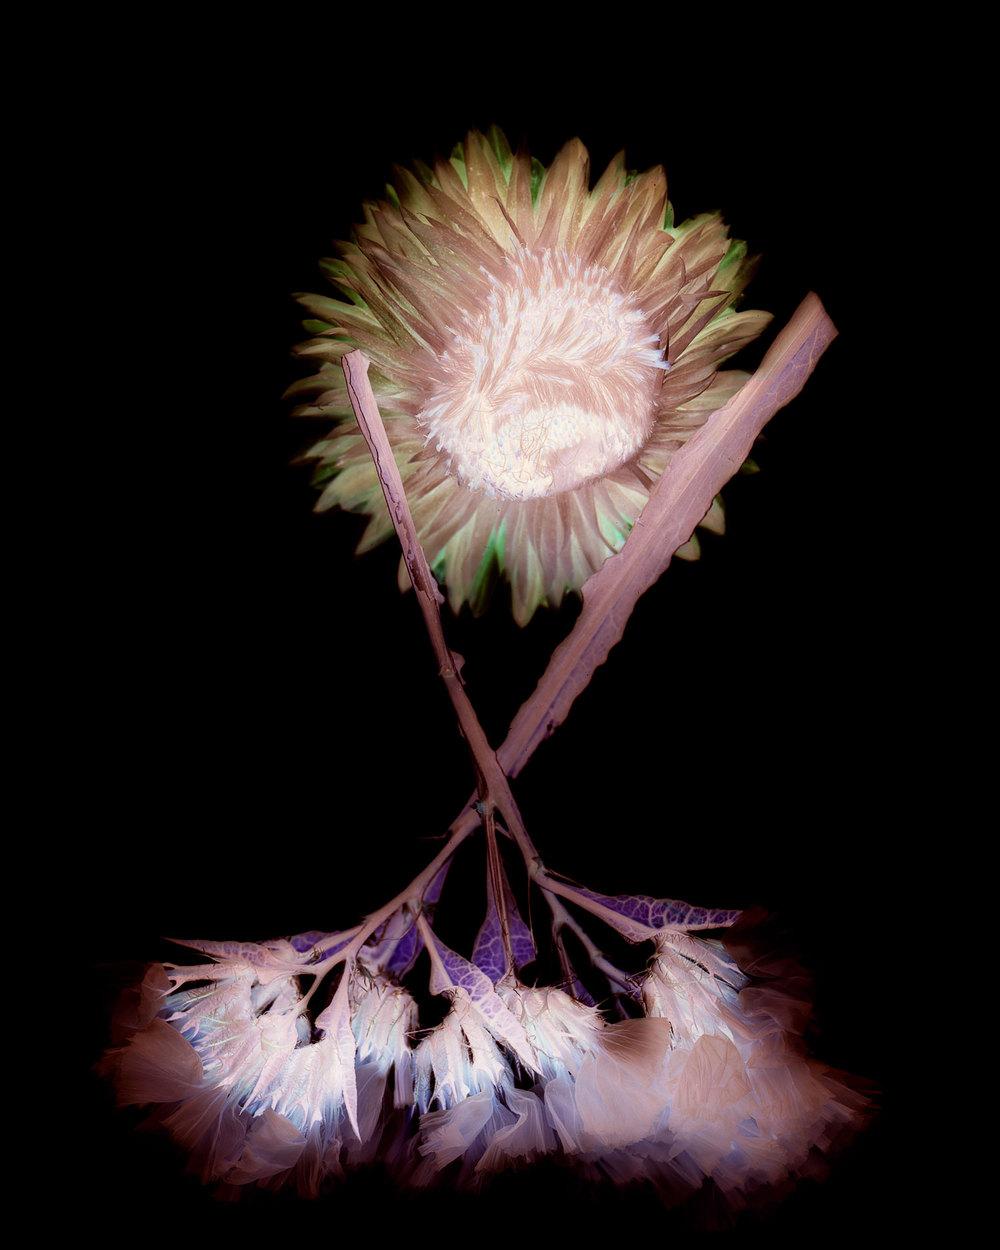 flowers010.jpg